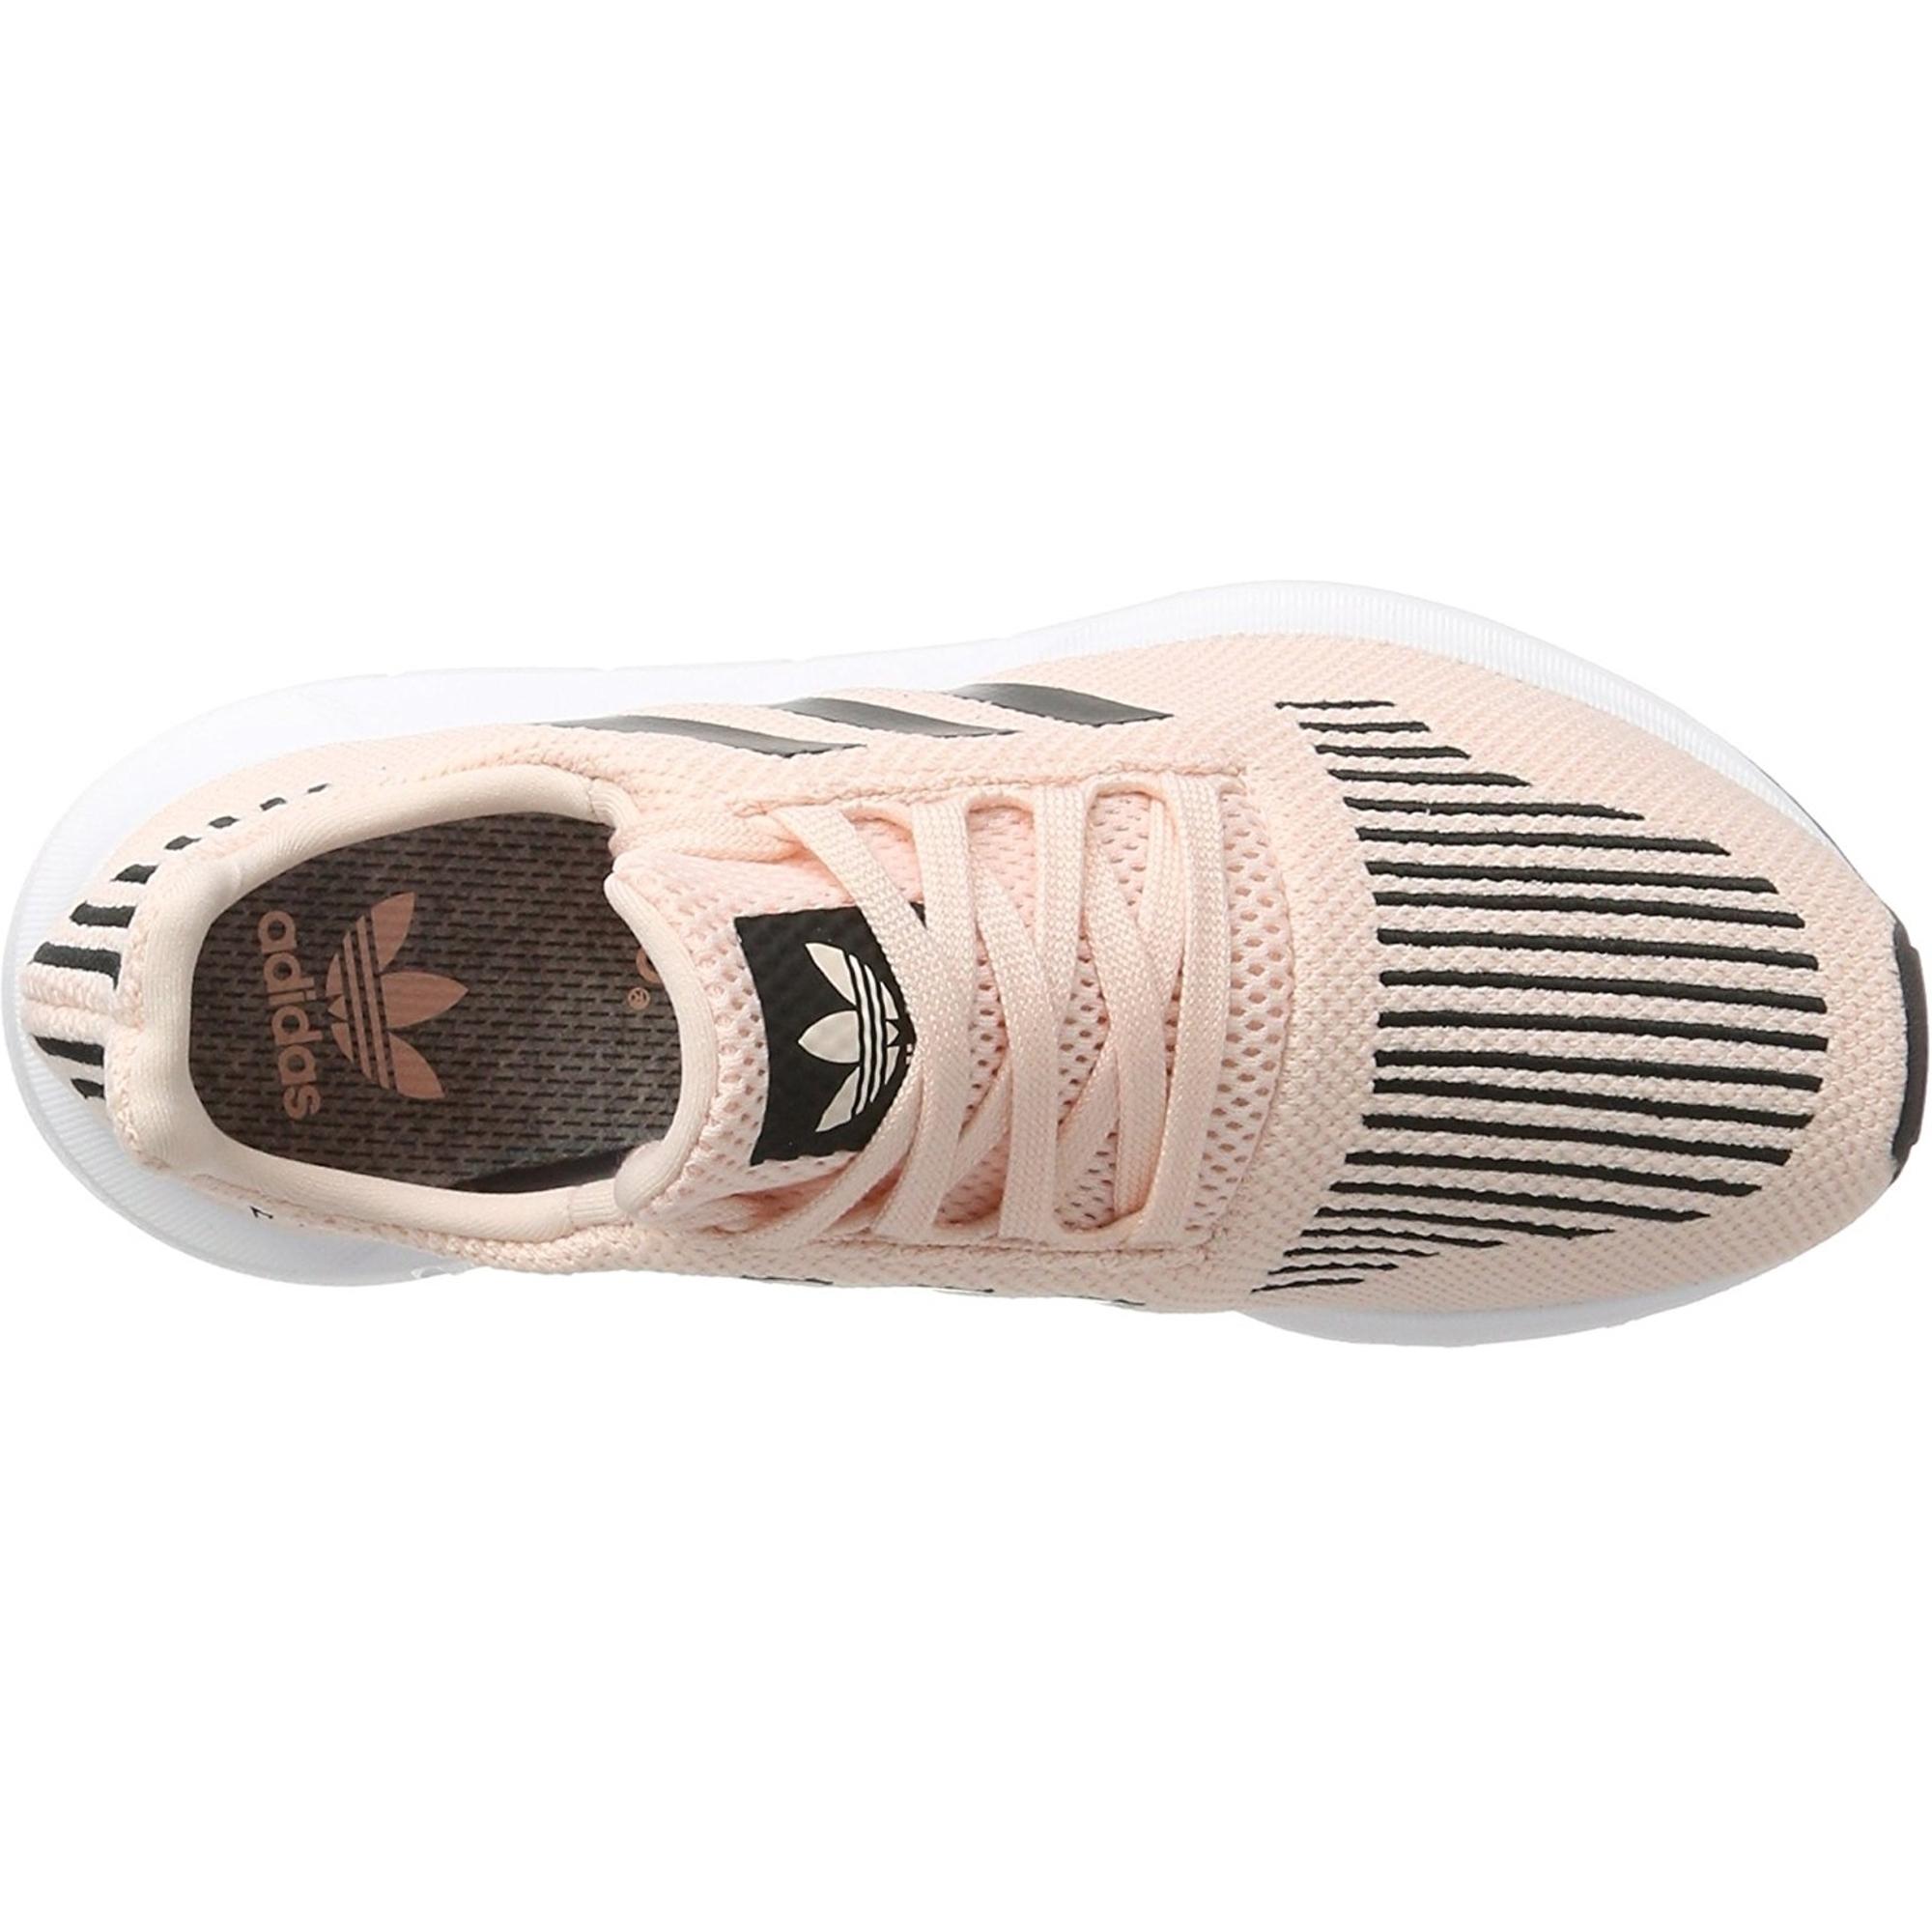 adidas Originals Swift Run Rose Glacé Textile Junior